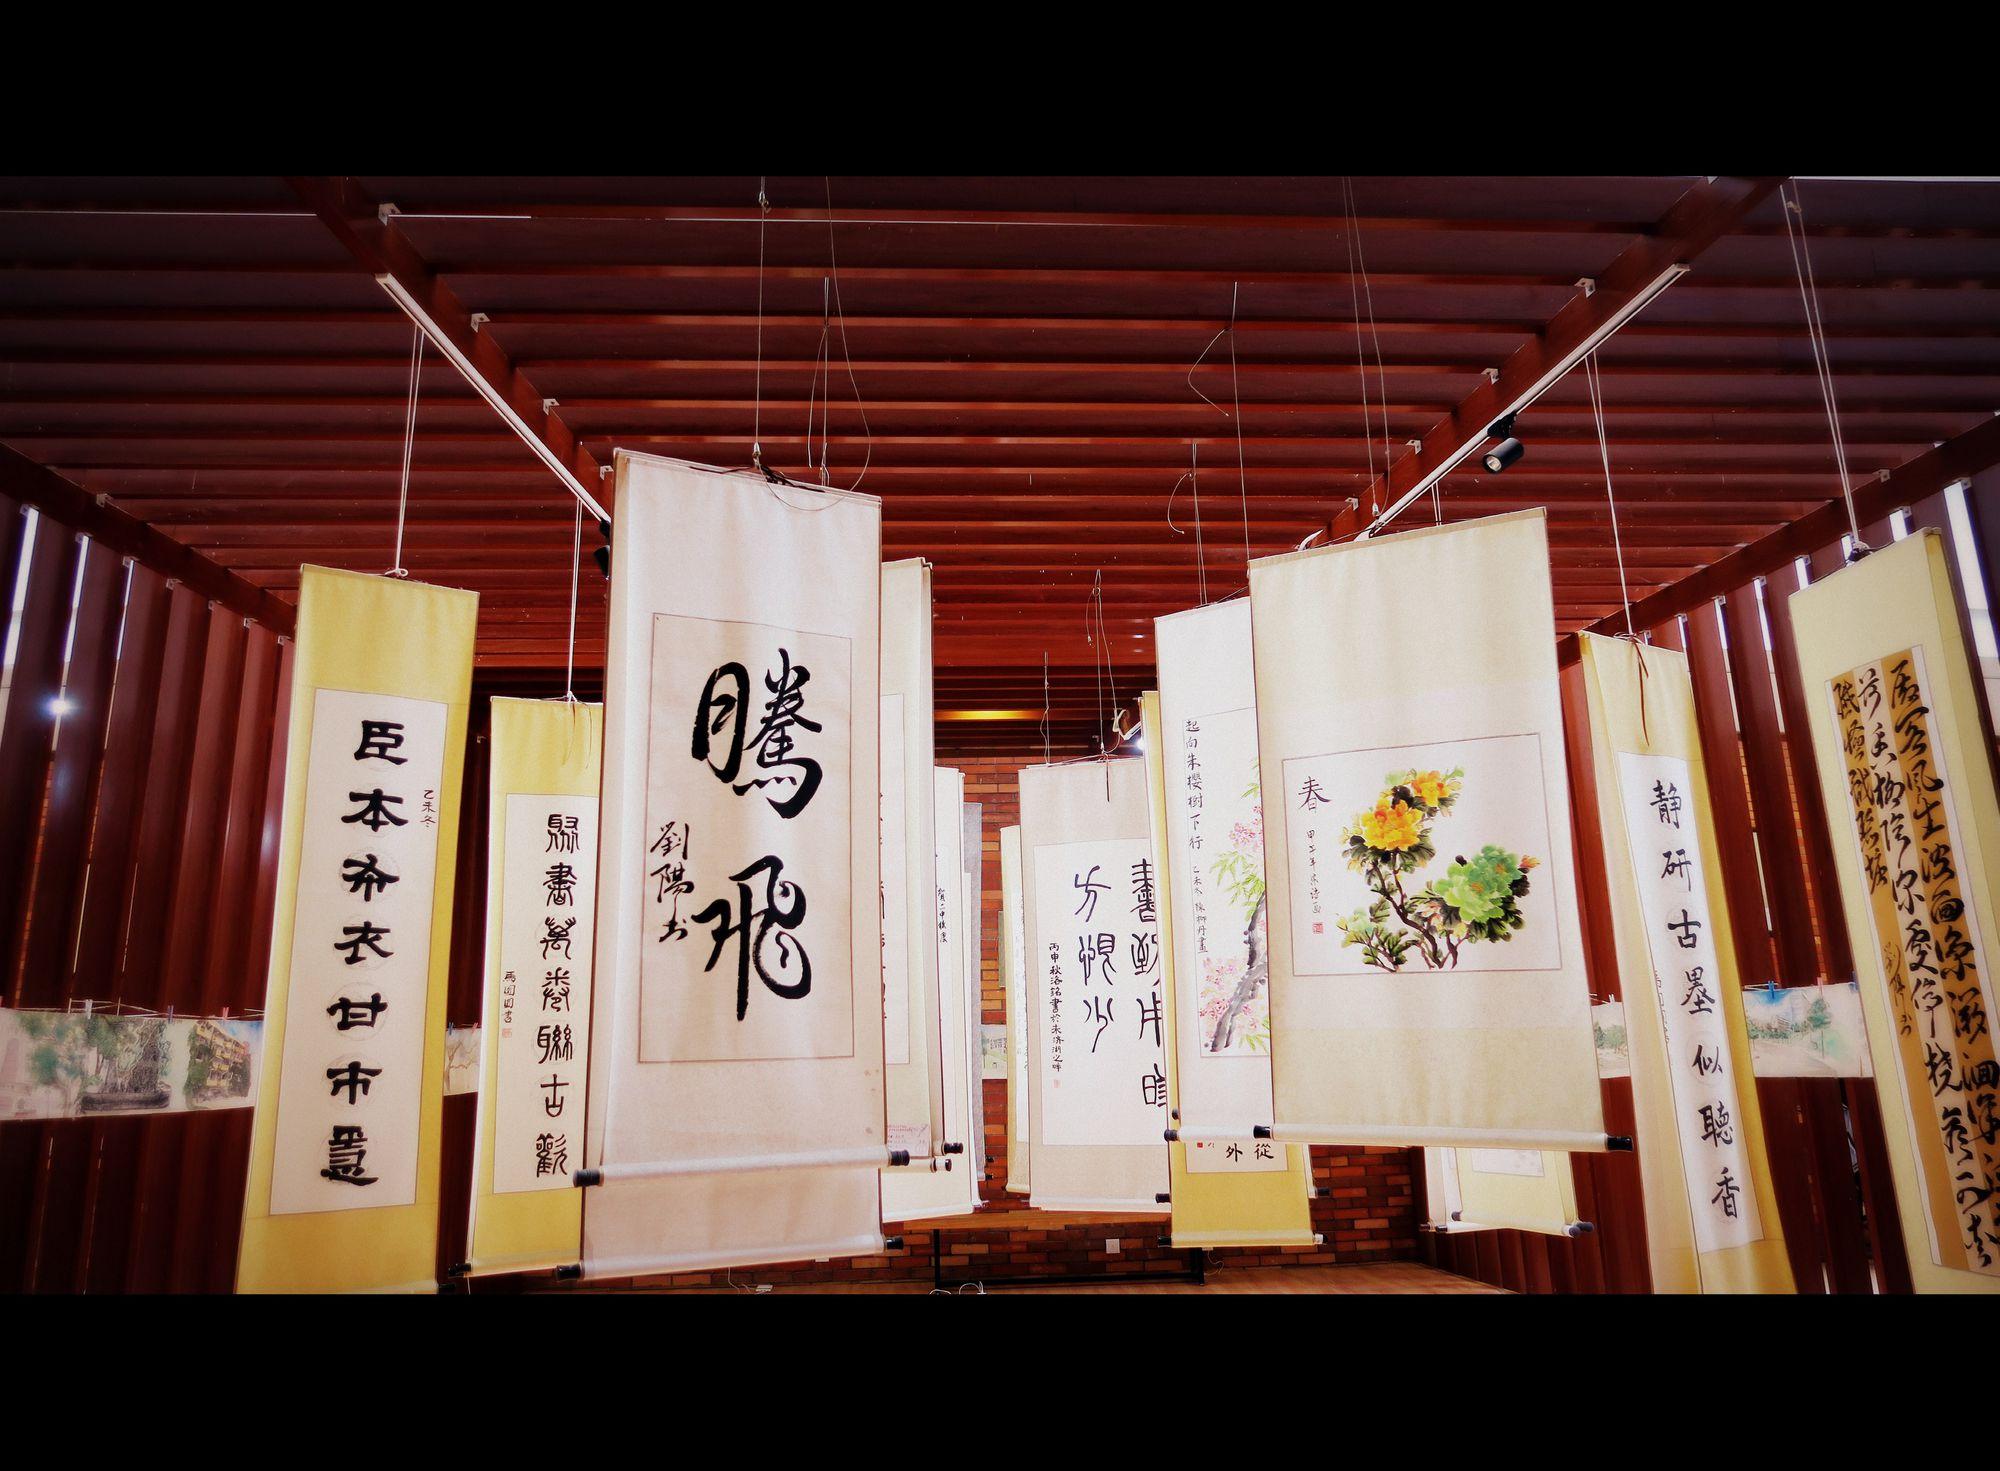 Feng Shui Rumah Pembawa Rezeki, Cari Tahu Yuk!